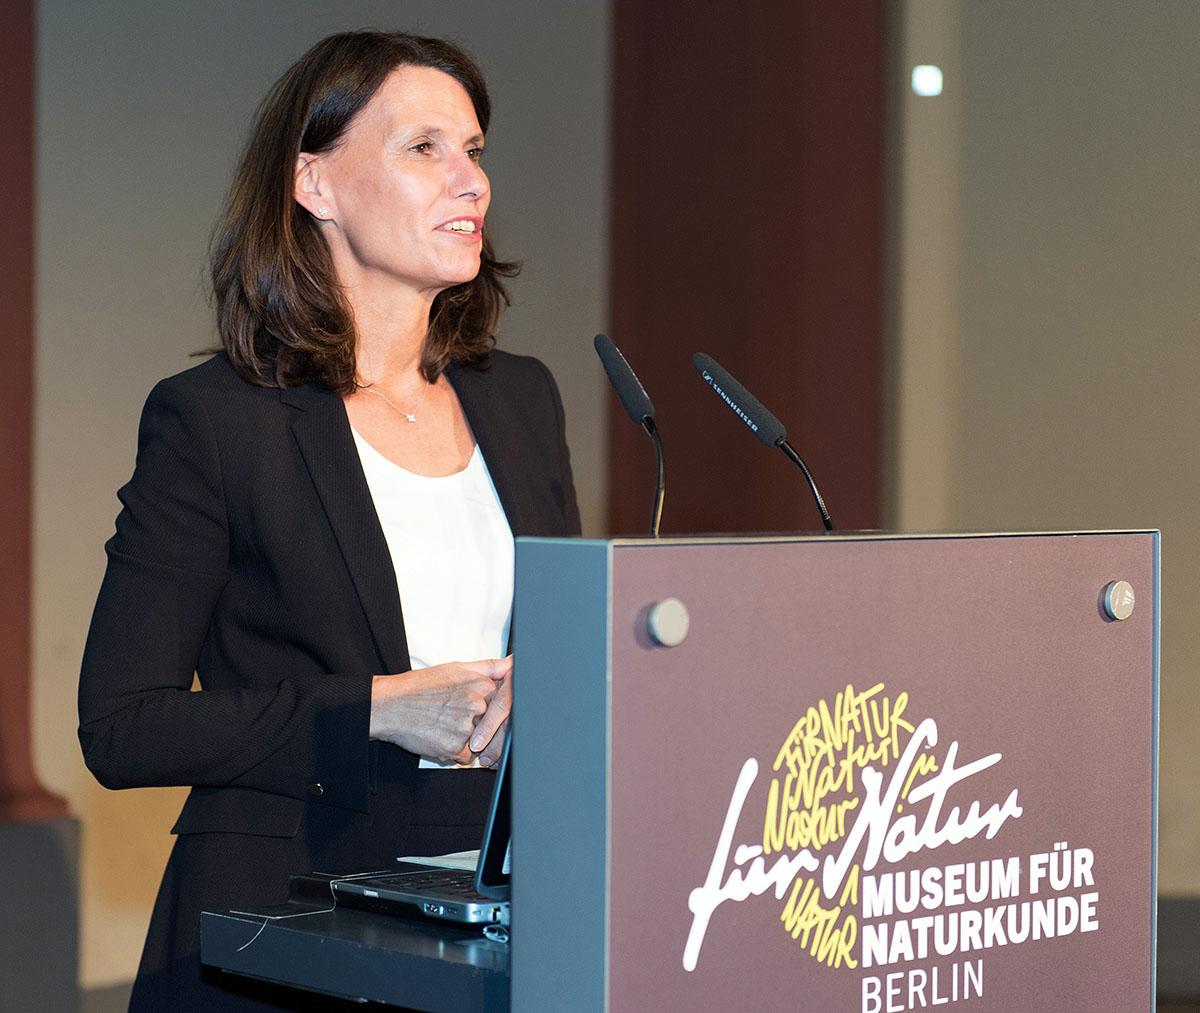 Parlamentarische Staatssekretärin des Bundesministeriums für Umwelt (BMU), Rita Schwarzelühr-Sutter auf dem Podium, Foto: Hwa Ja Götz, MfN